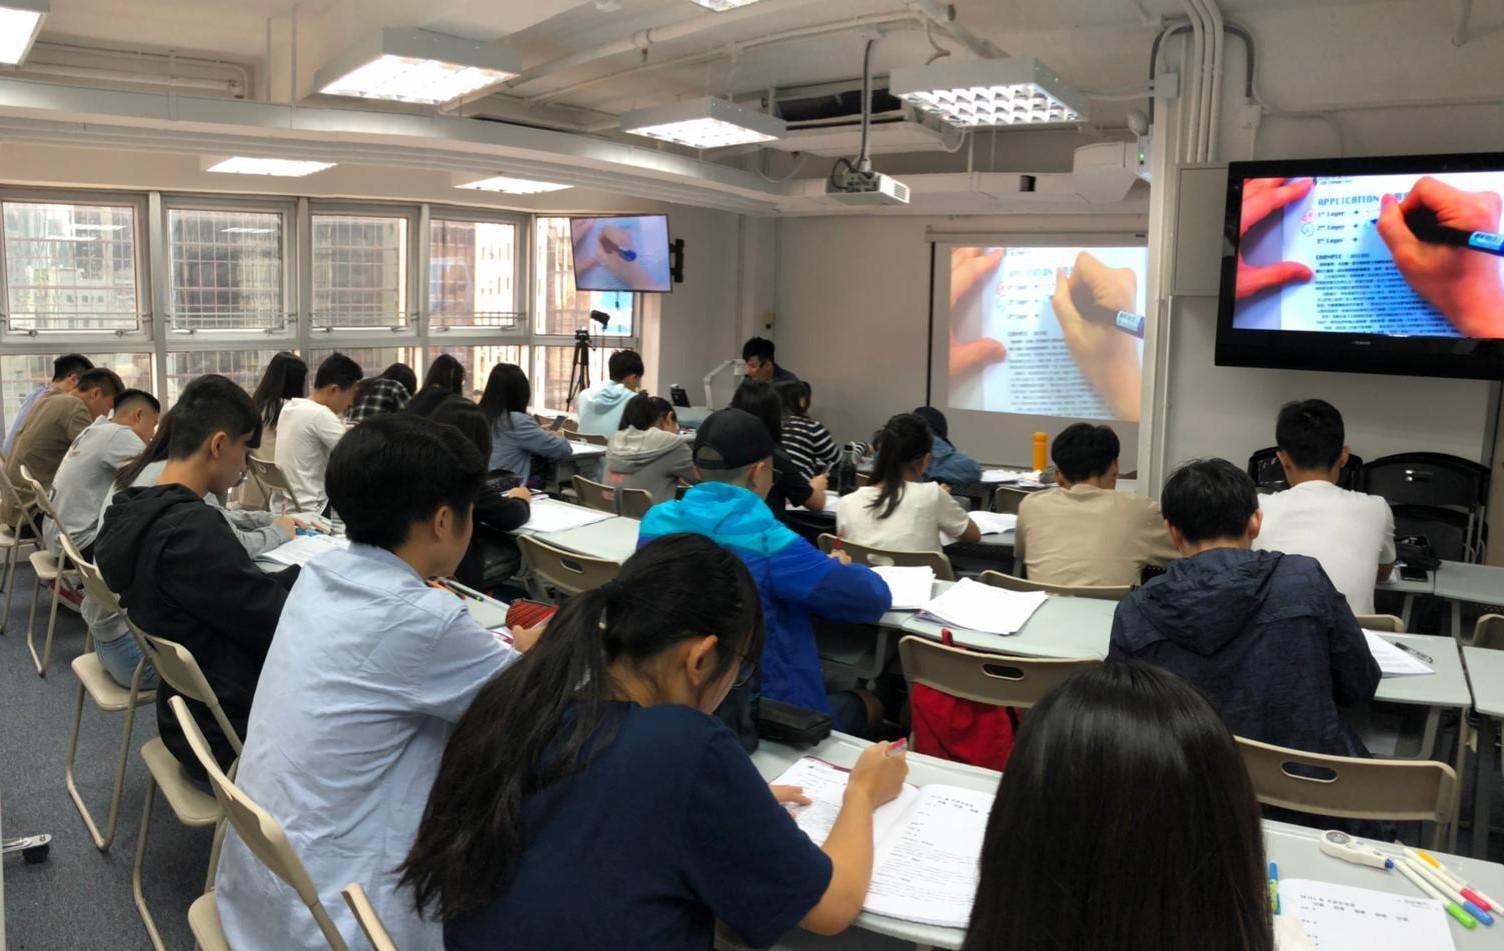 立方教育 - 中文科課程全場爆滿